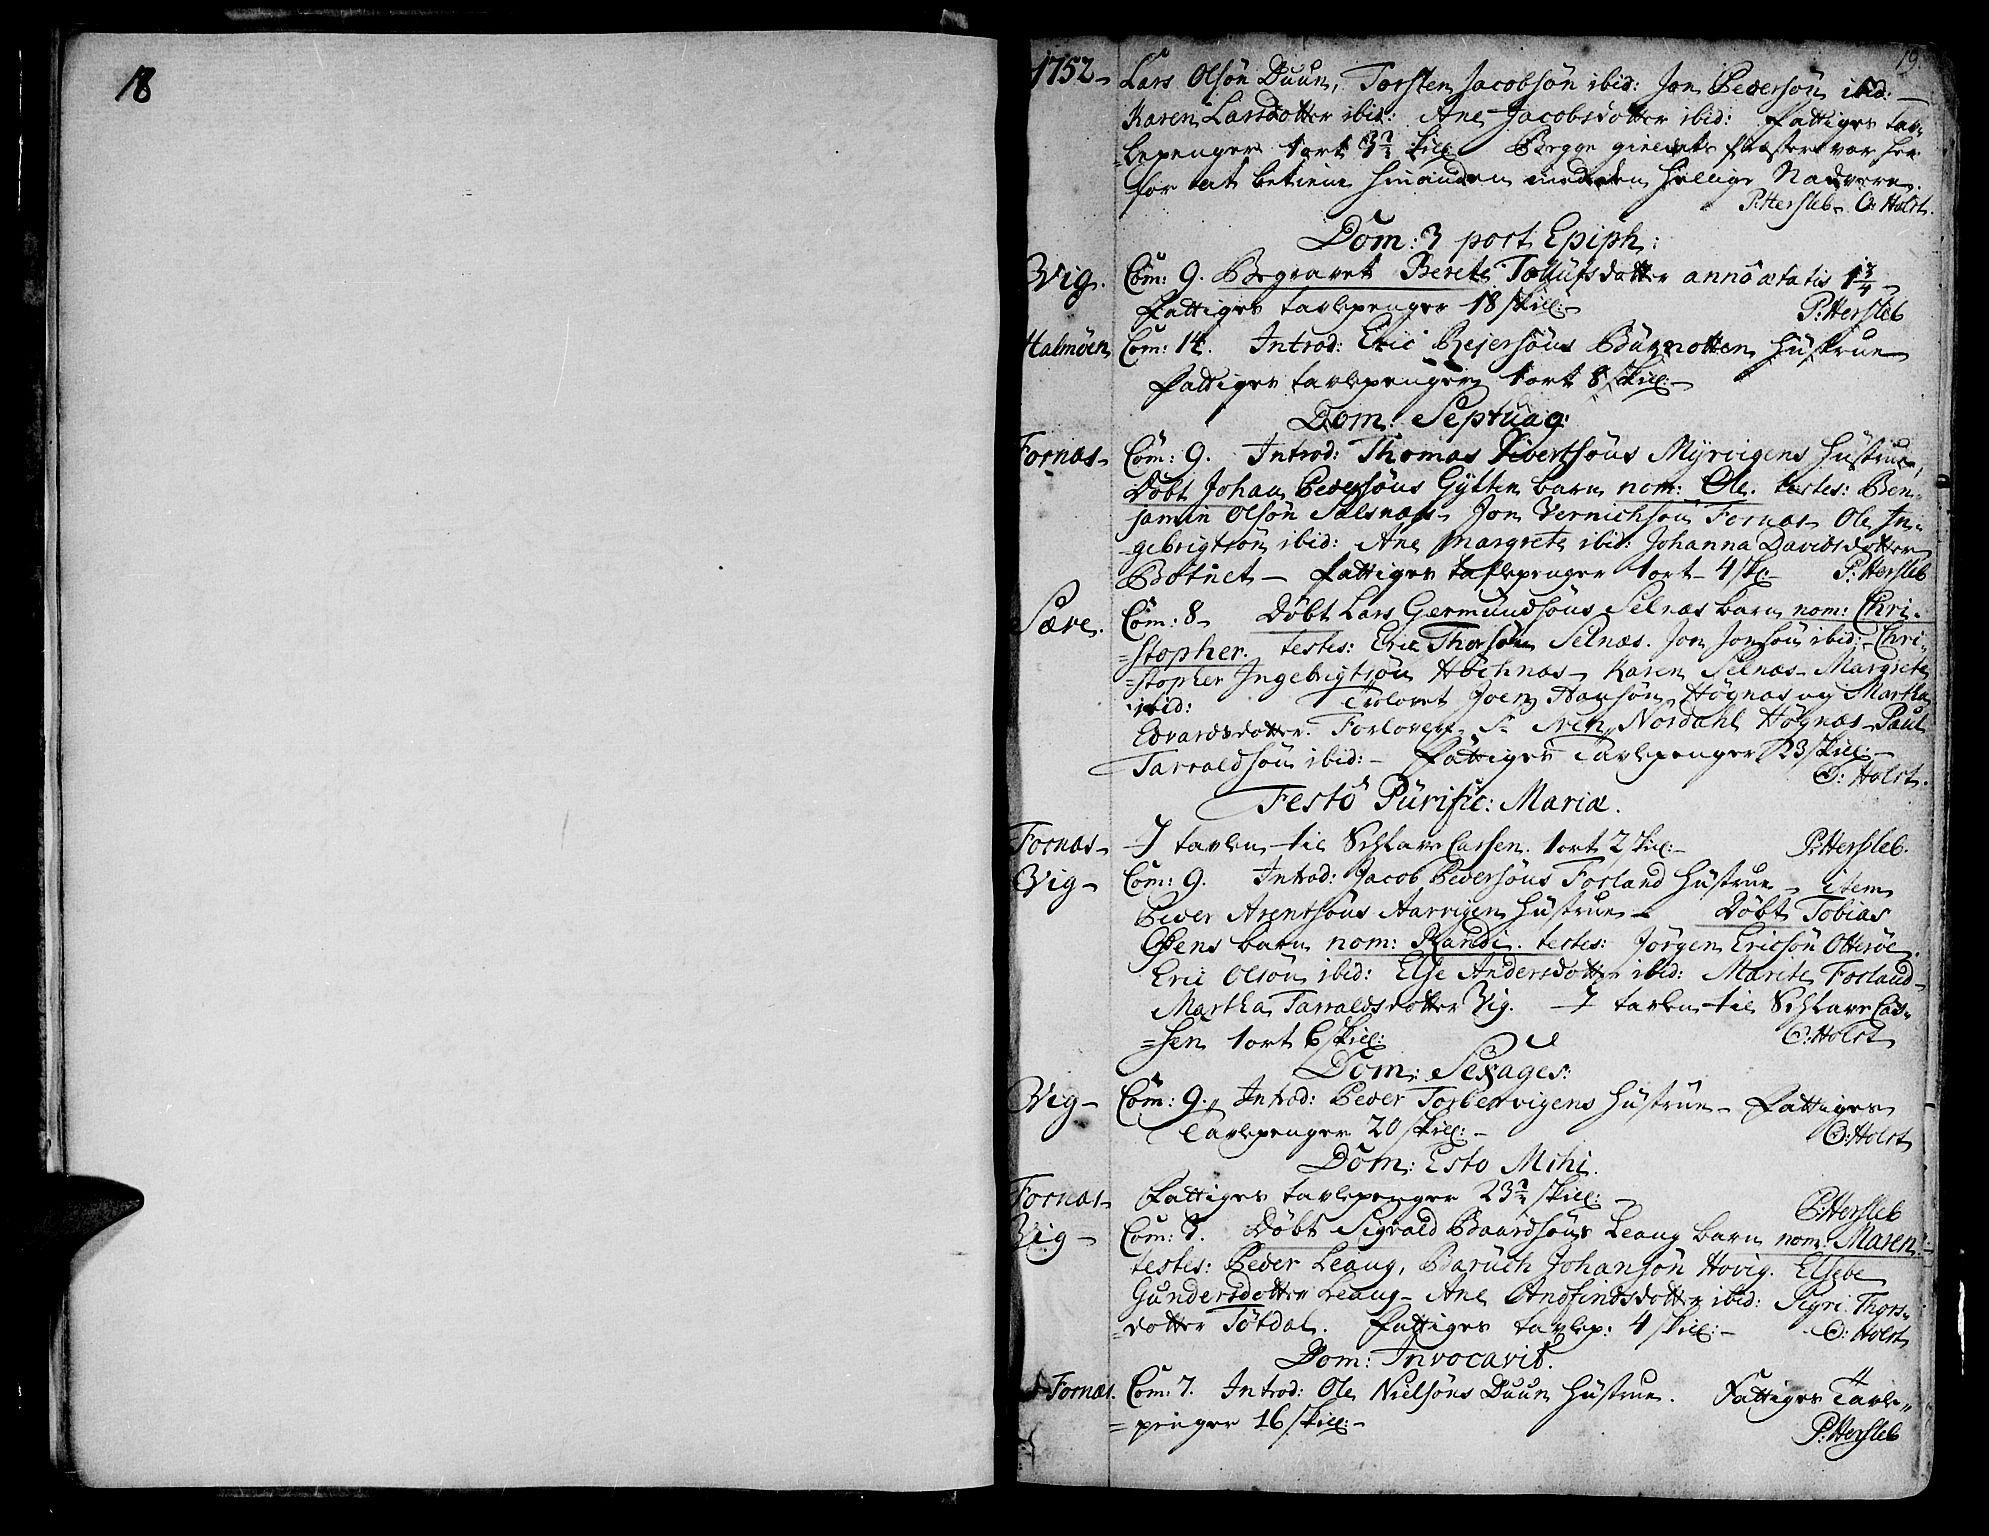 SAT, Ministerialprotokoller, klokkerbøker og fødselsregistre - Nord-Trøndelag, 773/L0607: Ministerialbok nr. 773A01, 1751-1783, s. 18-19